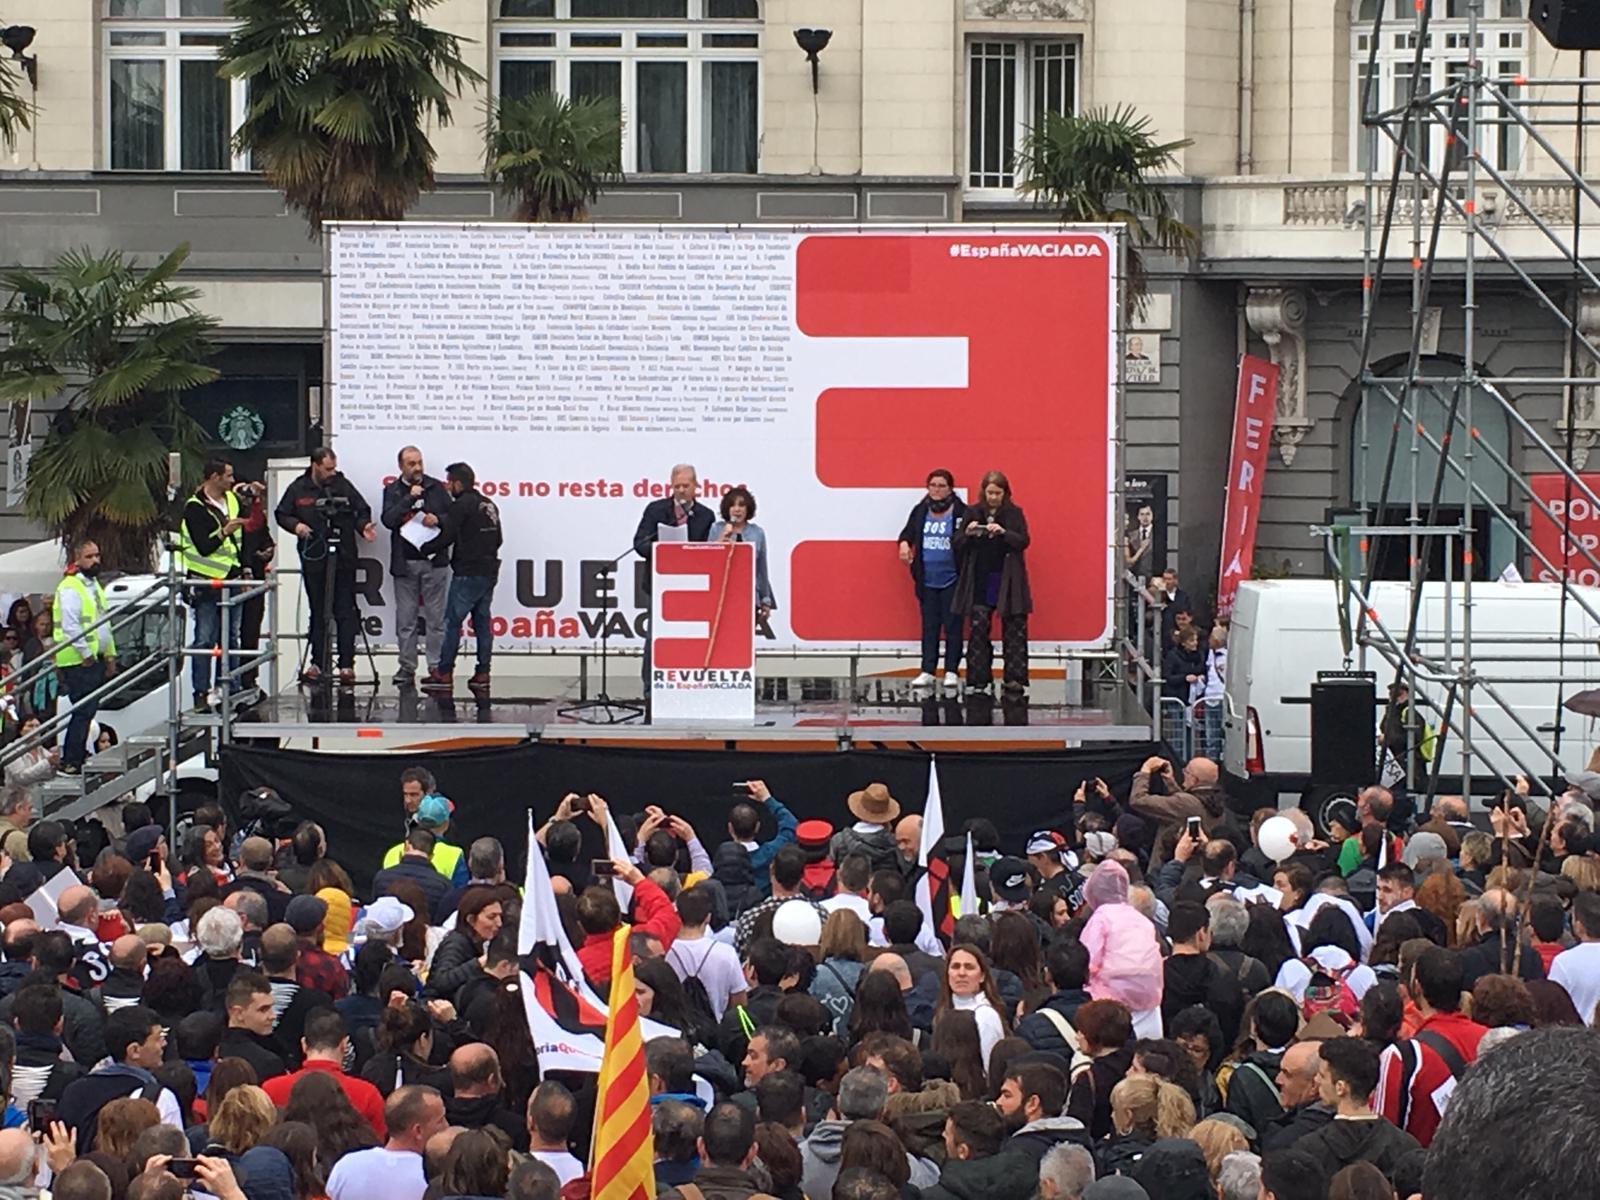 """Manifestación de la España Vaciada: """"Ser Pocos no resta derechos"""" Whatsapp-image-2019-03-31-at-14-55-55"""